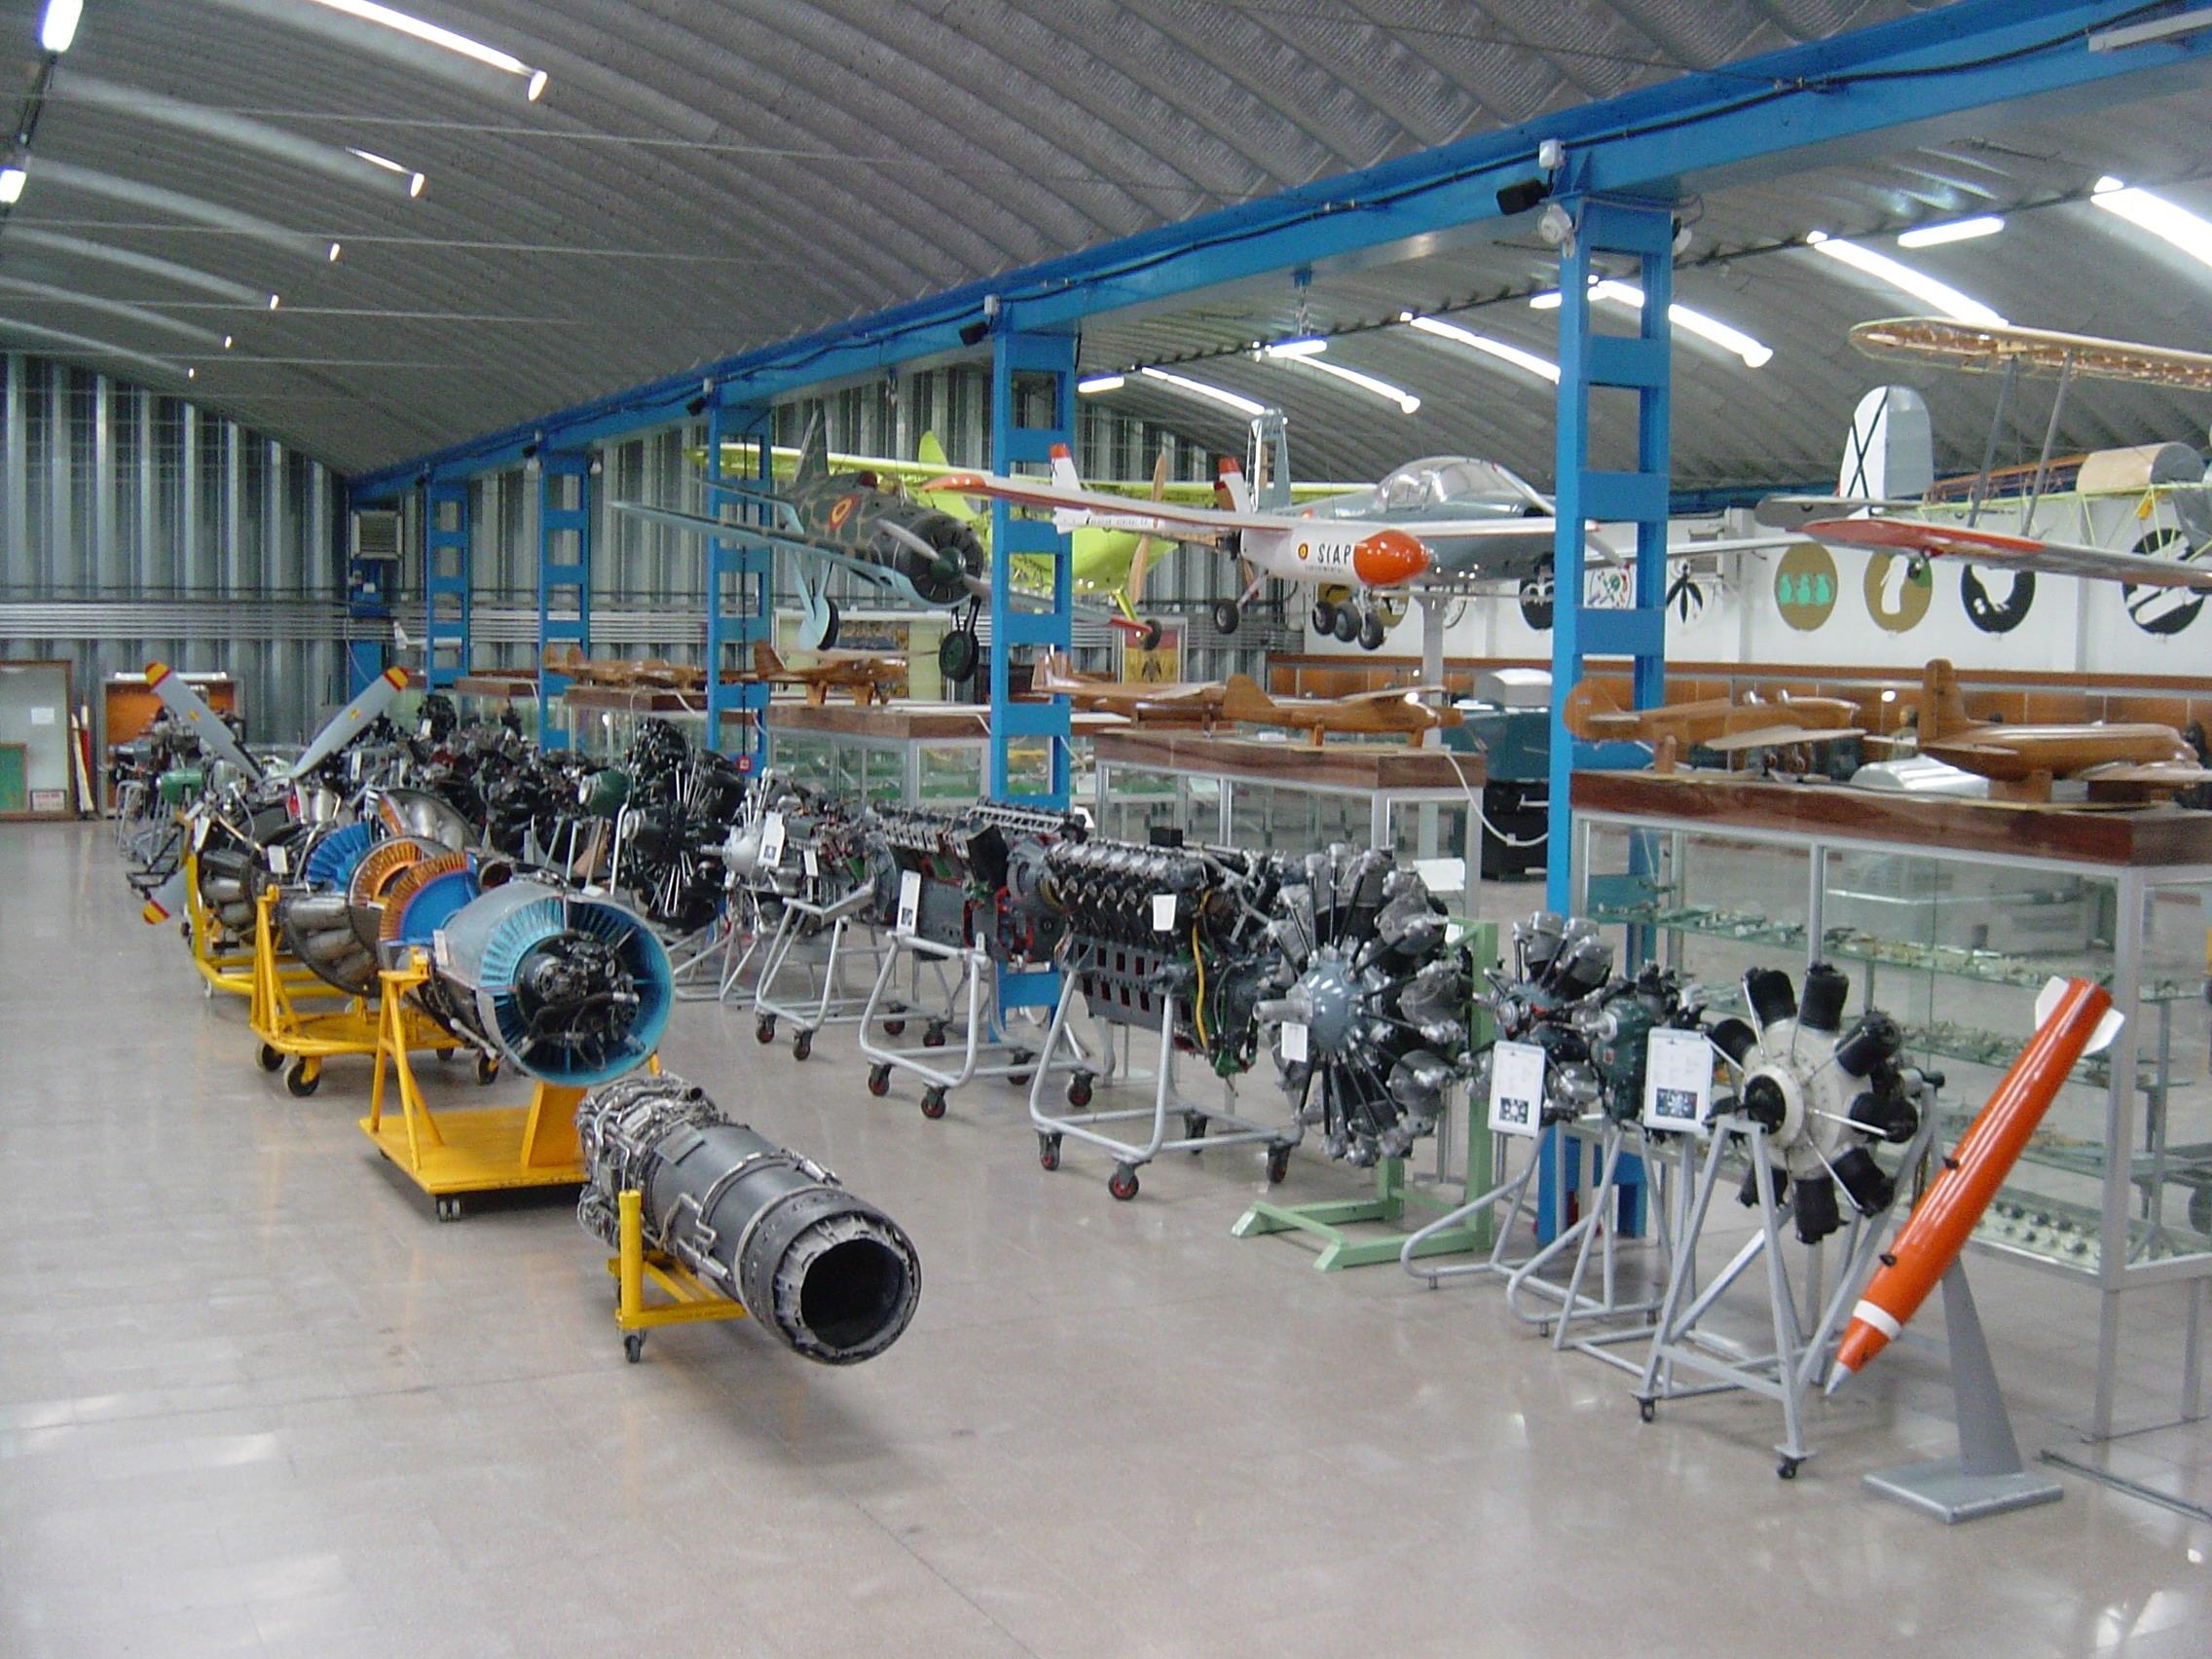 Resultado de imagen de museo de la aeronautica y astronautica